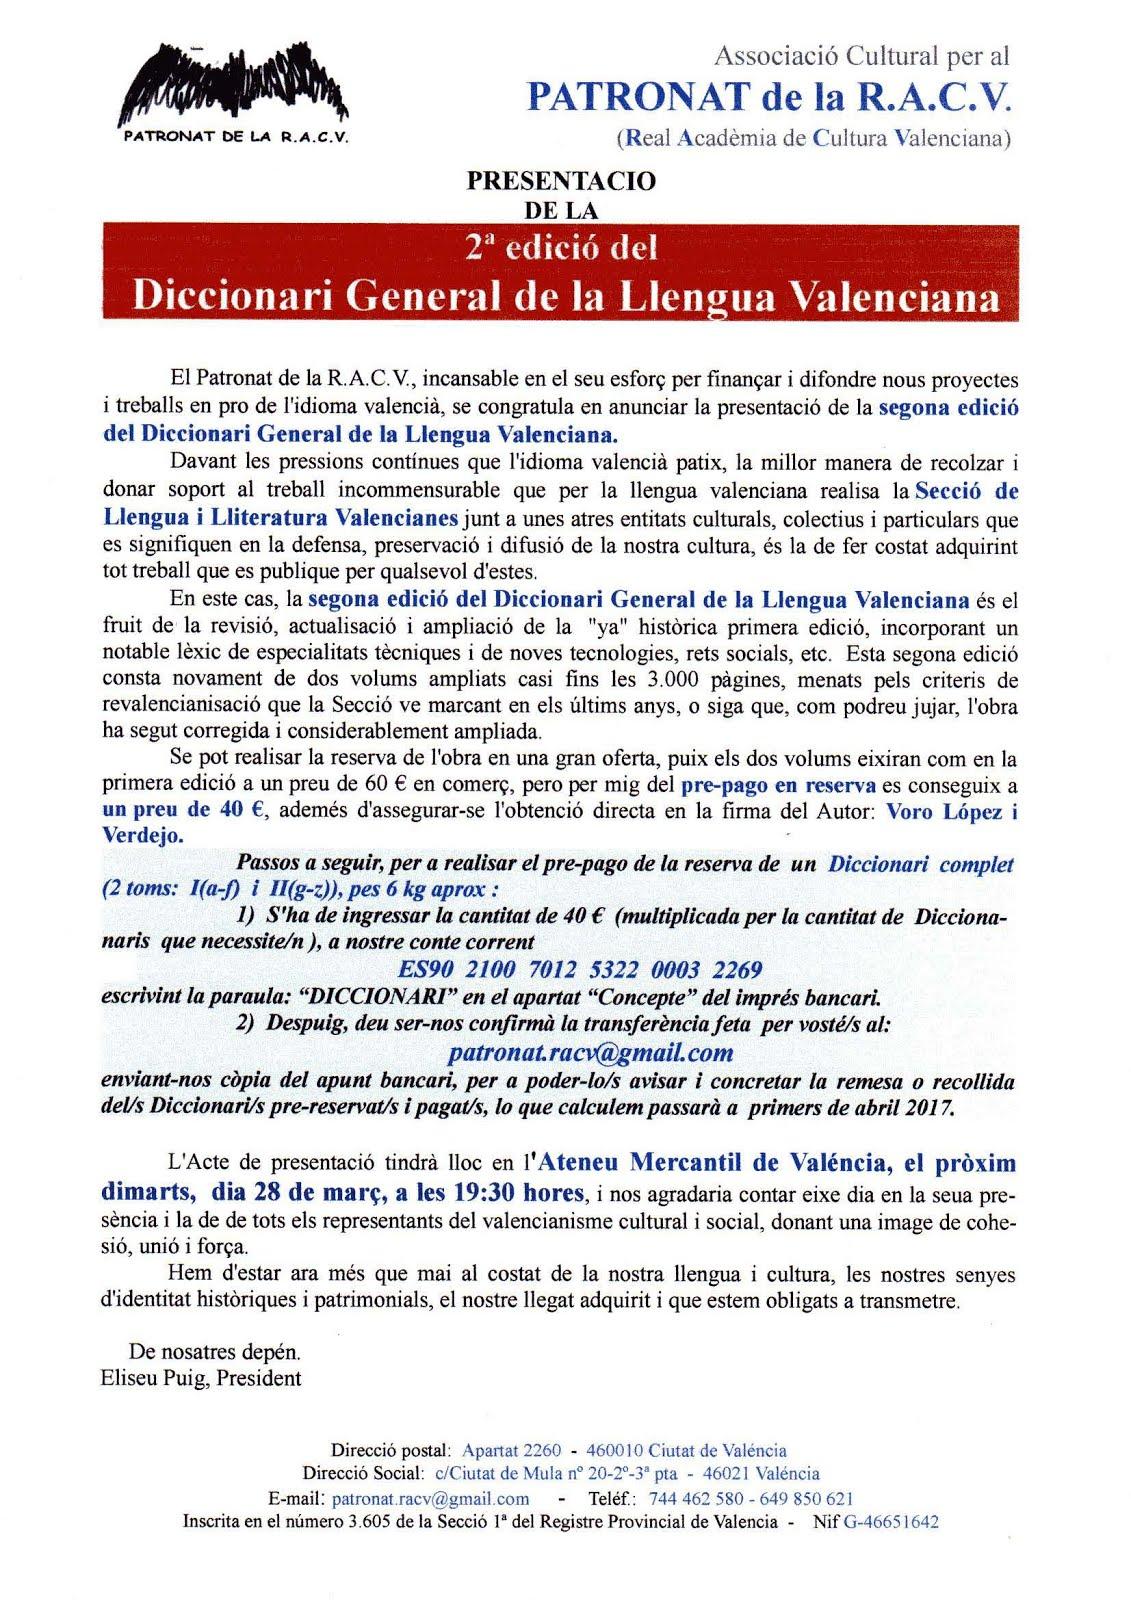 ACV 06 DIA 28 DICCIONARI